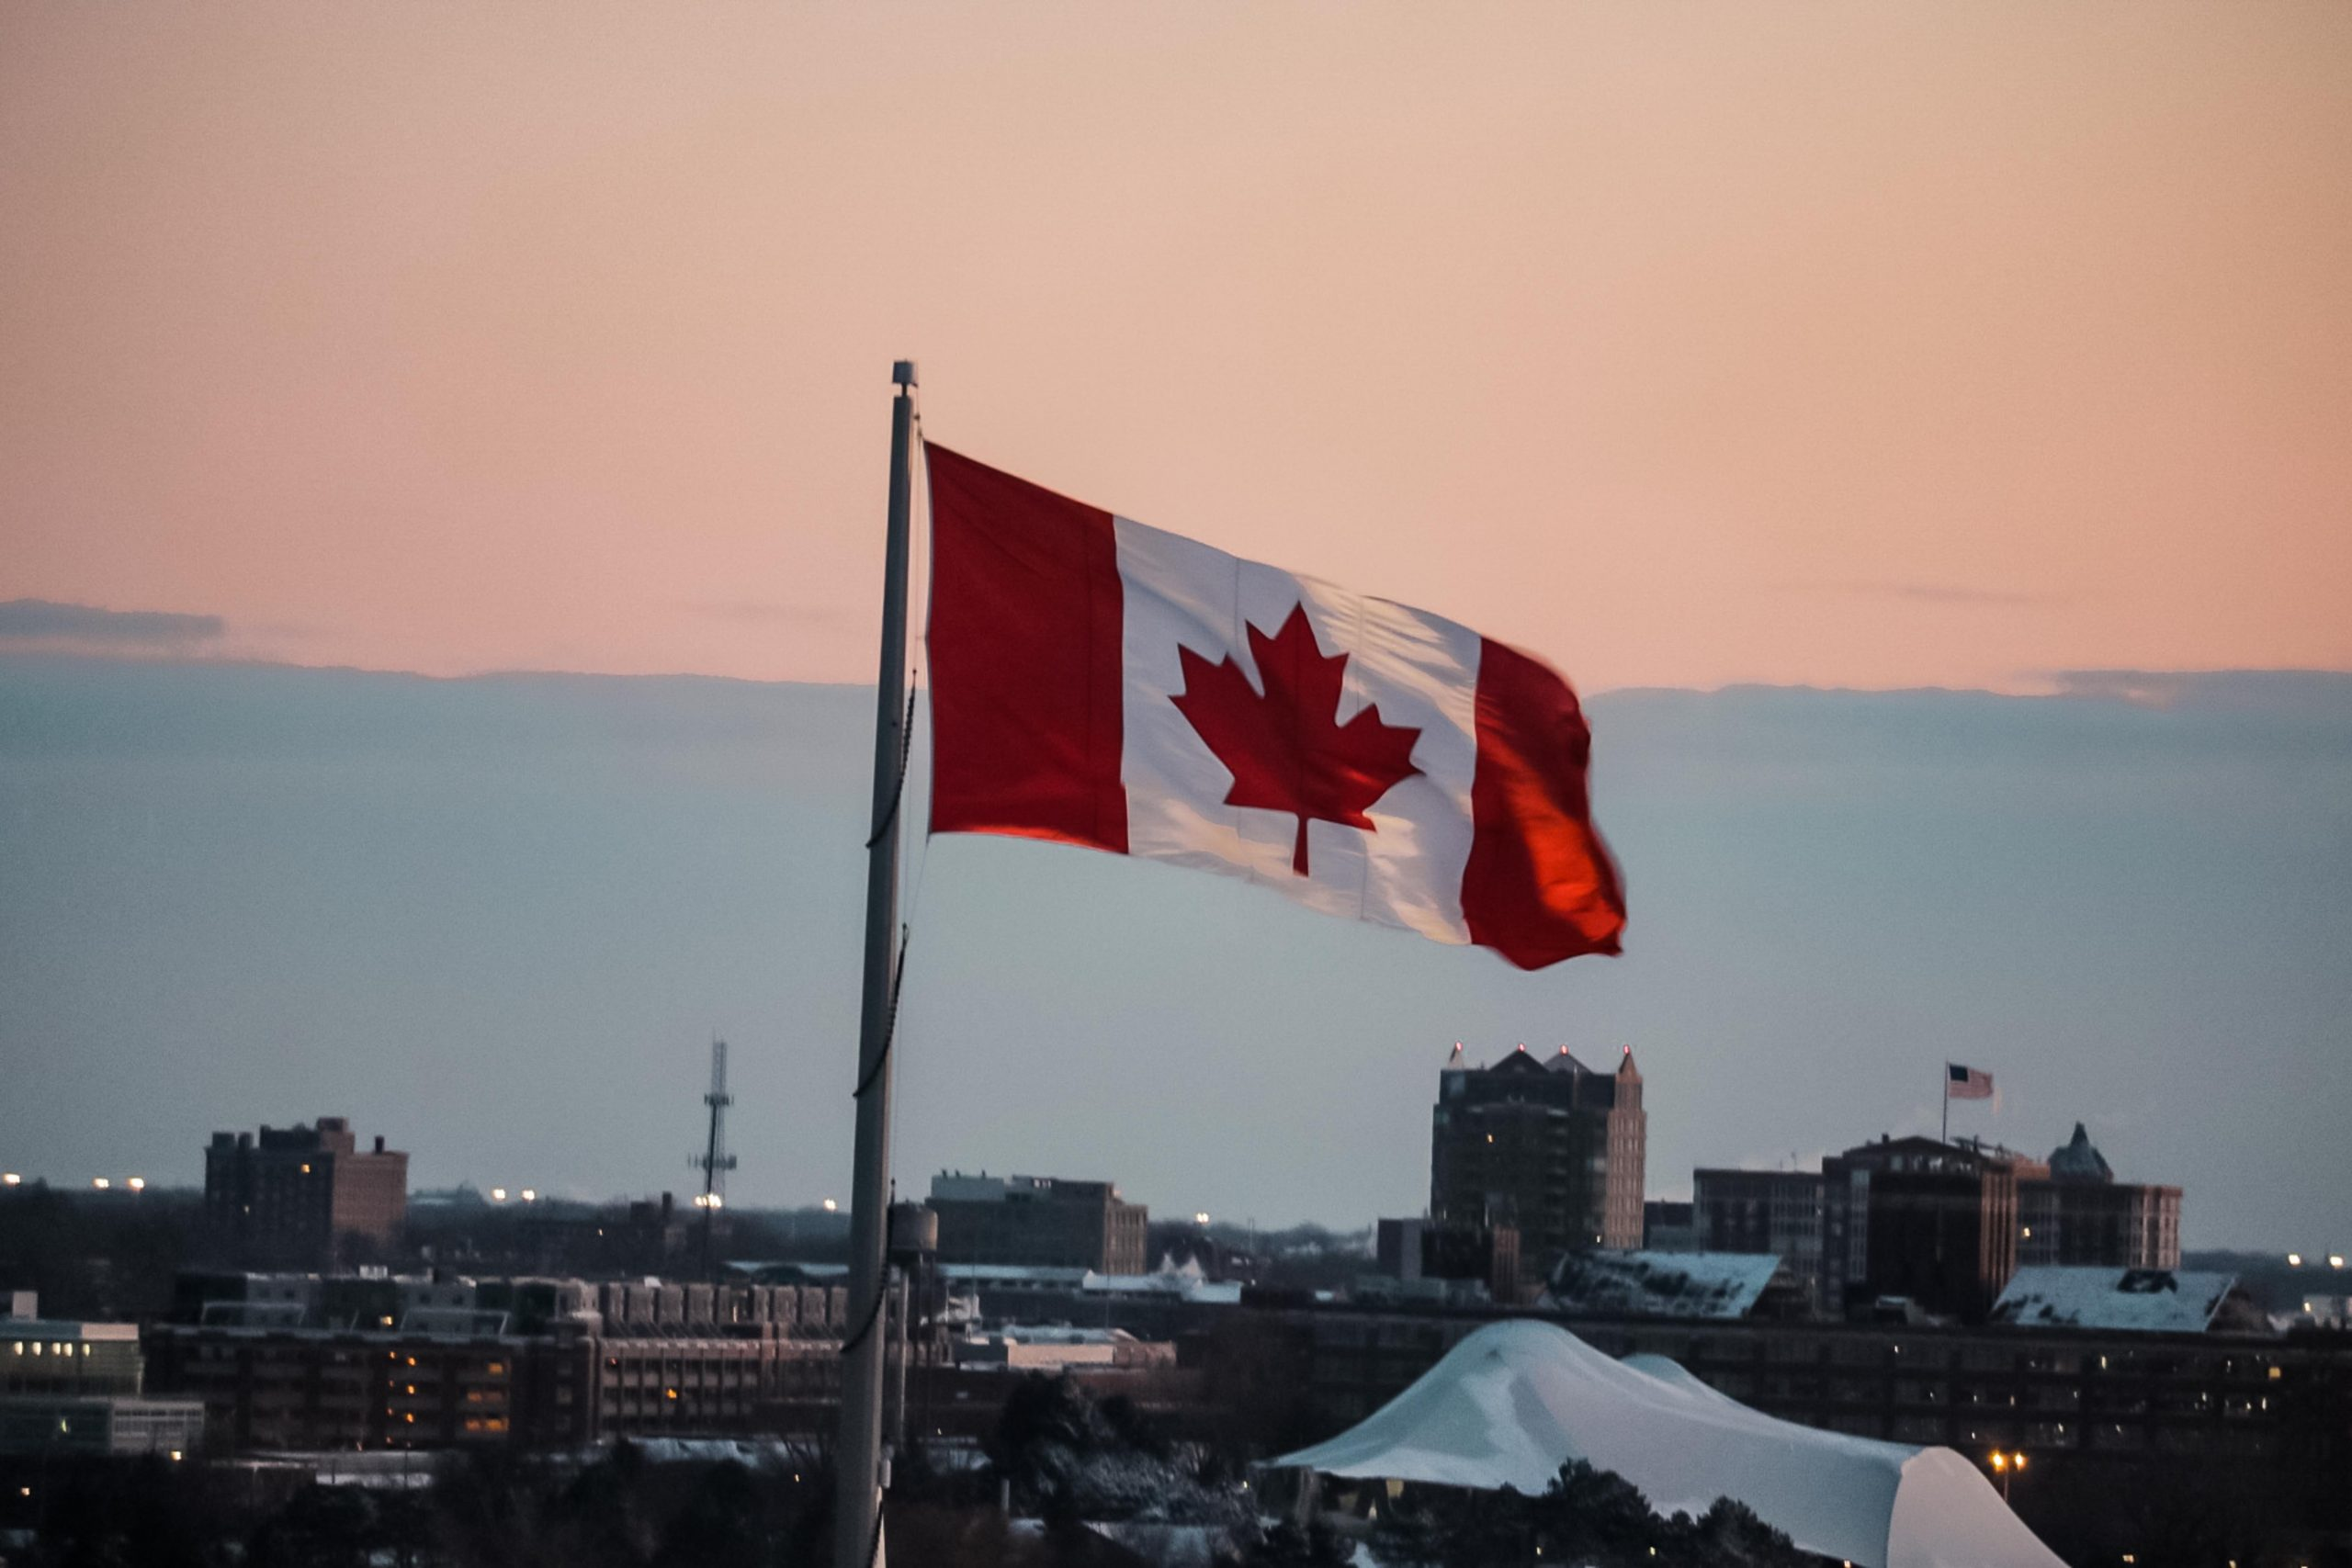 Kanada üç yıllık göçmenlik planını açıkladı